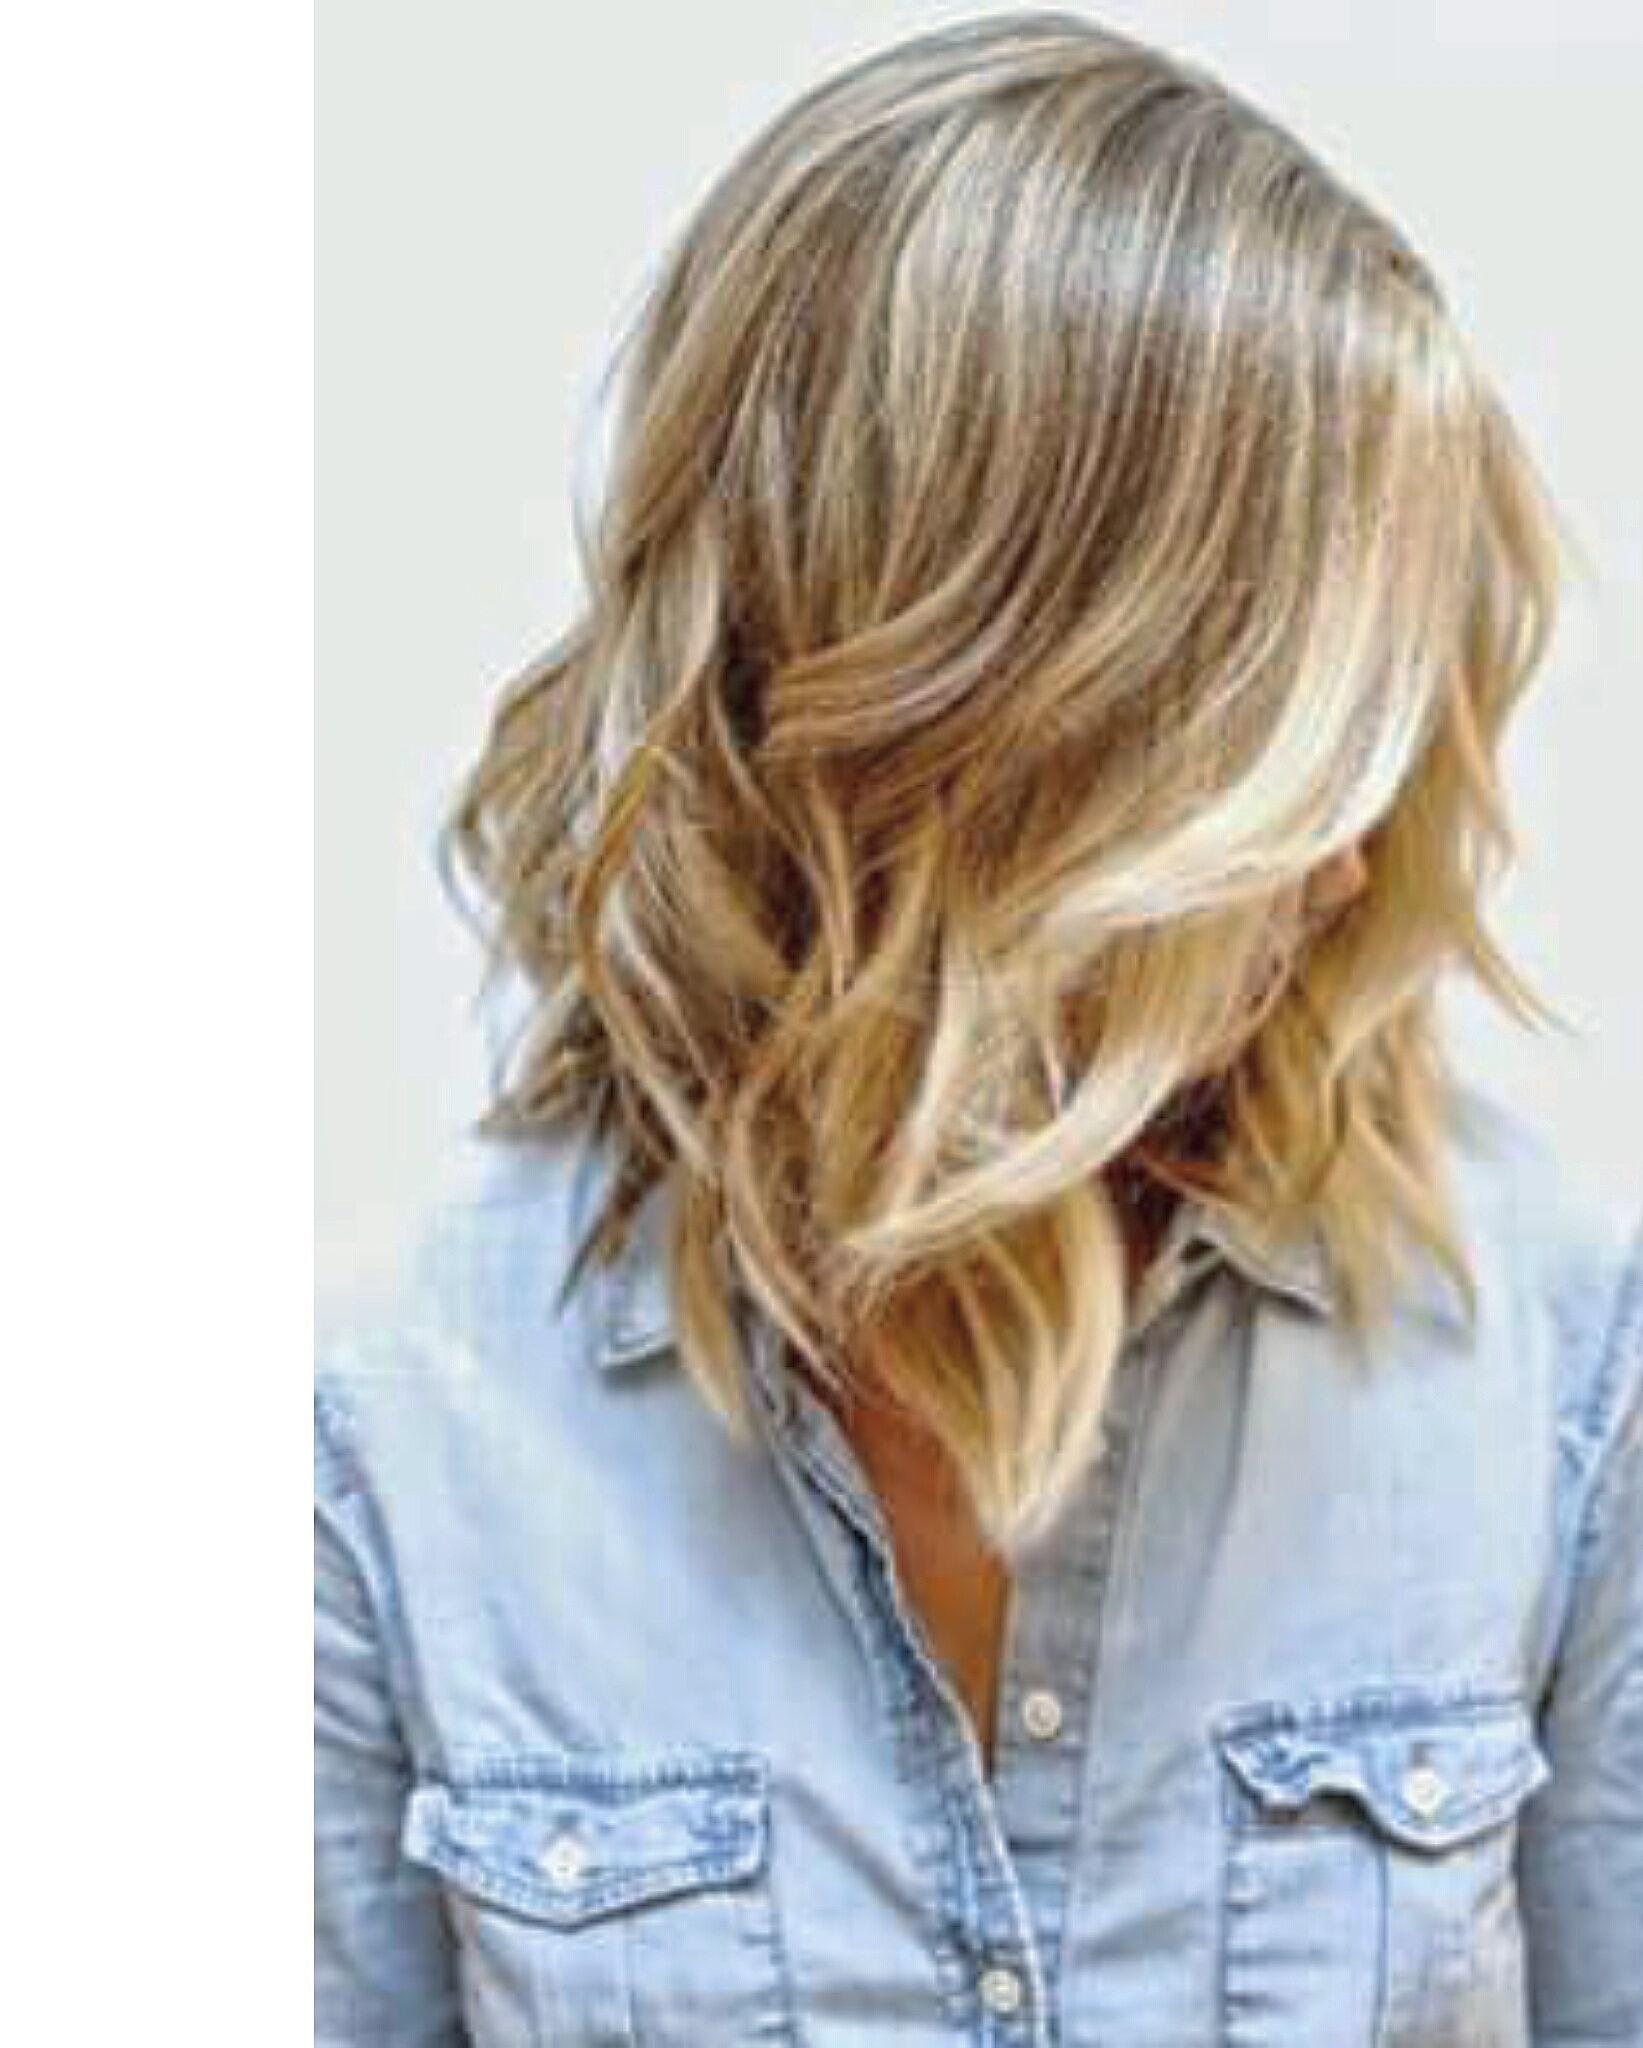 Corte e luzes  cabelo cabeleireiro(a) consultor(a) em imagem consultor(a) em negócios de beleza maquiador(a) stylist visagista produtor(a) designer de sobrancelhas